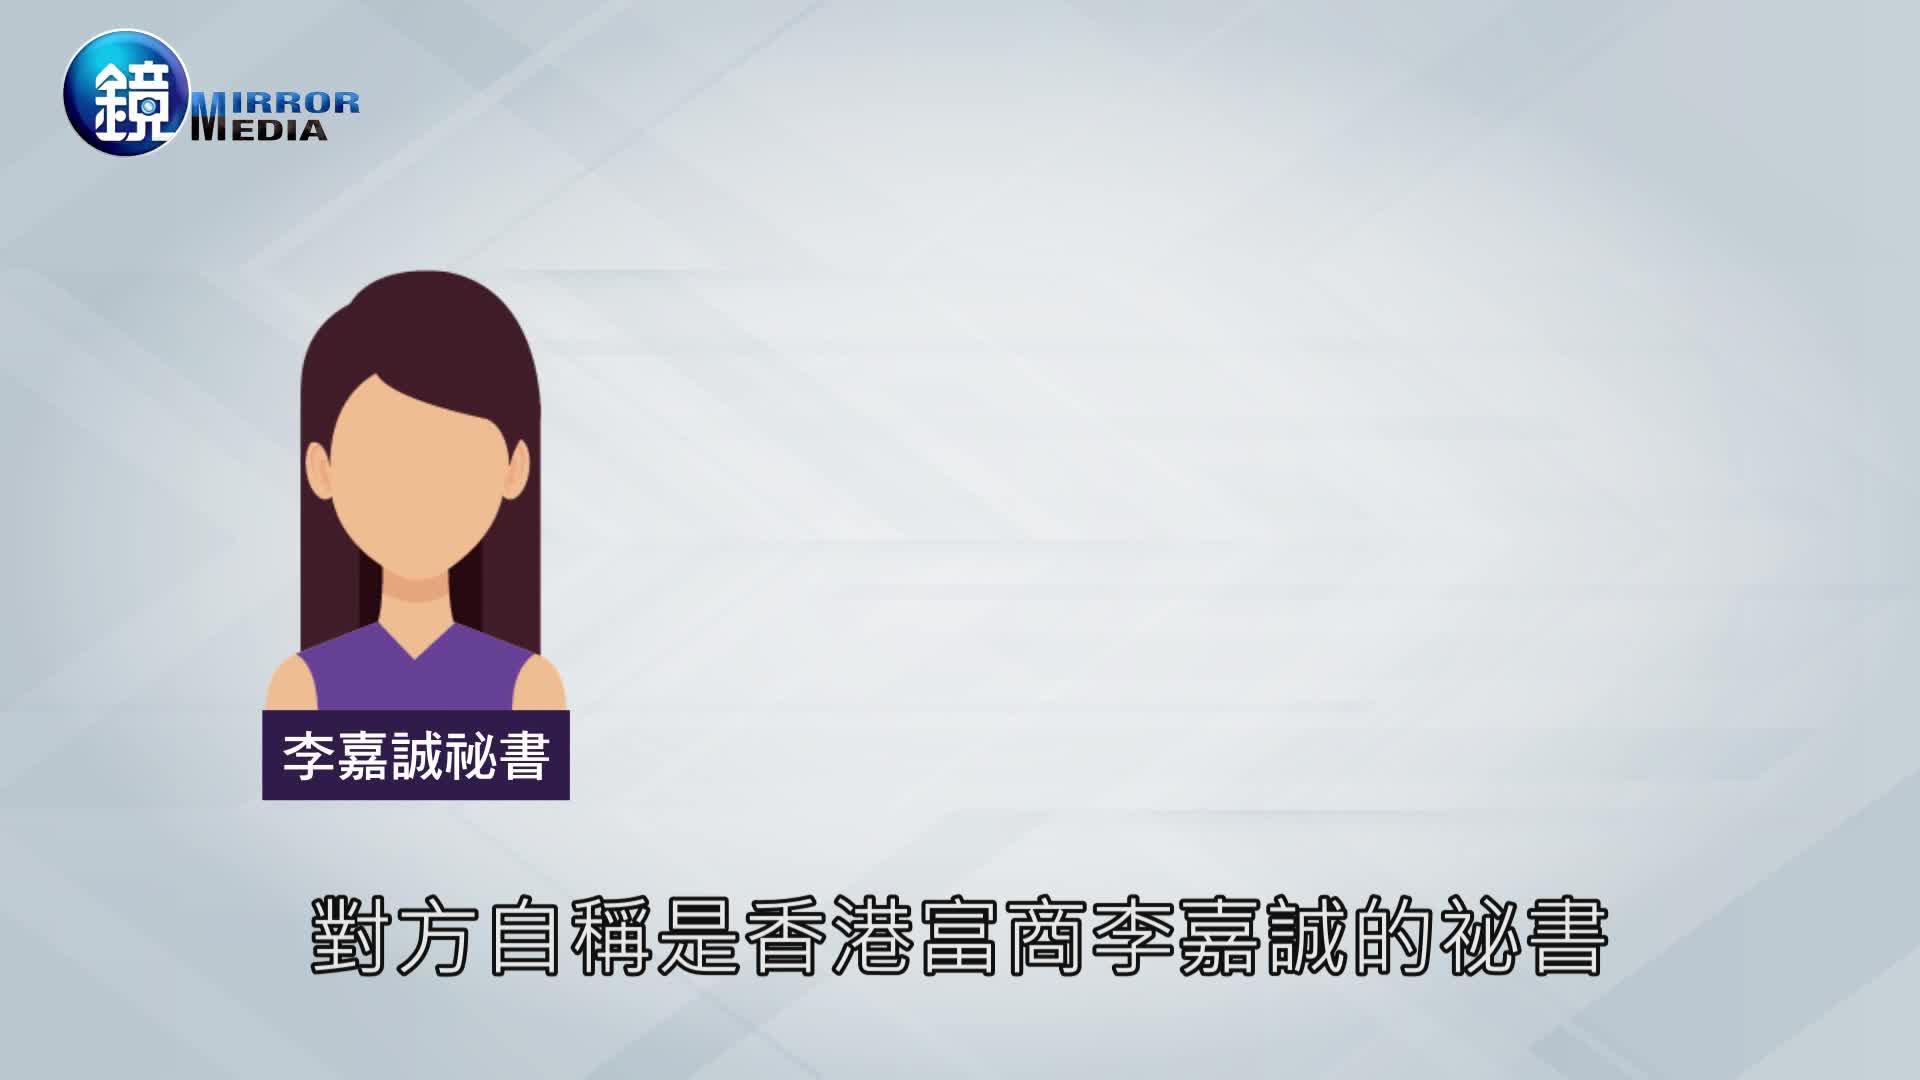 【新聞內幕】冒名李嘉誠詐上萬口罩 黃琪涉駭台大扮名醫行騙